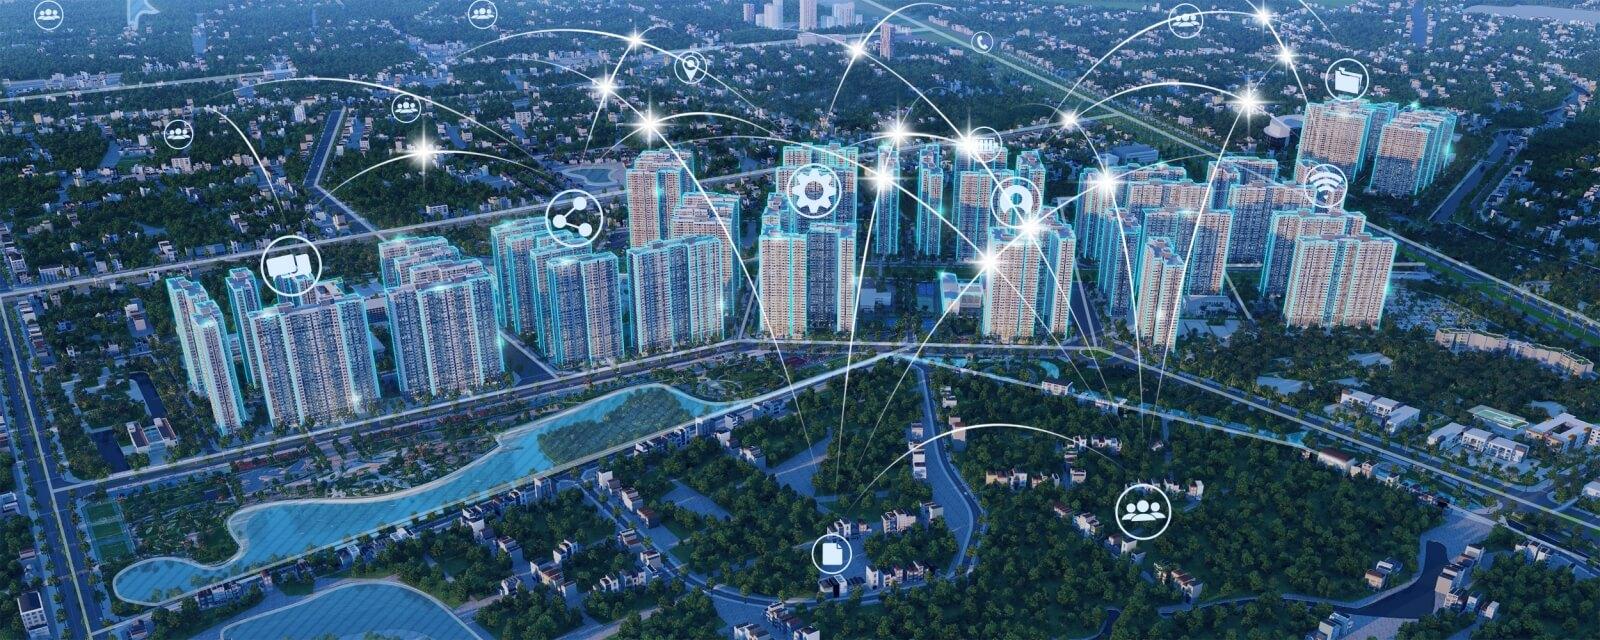 Thành phố thông minh đẳng cấp đầu tiên của Việt Nam